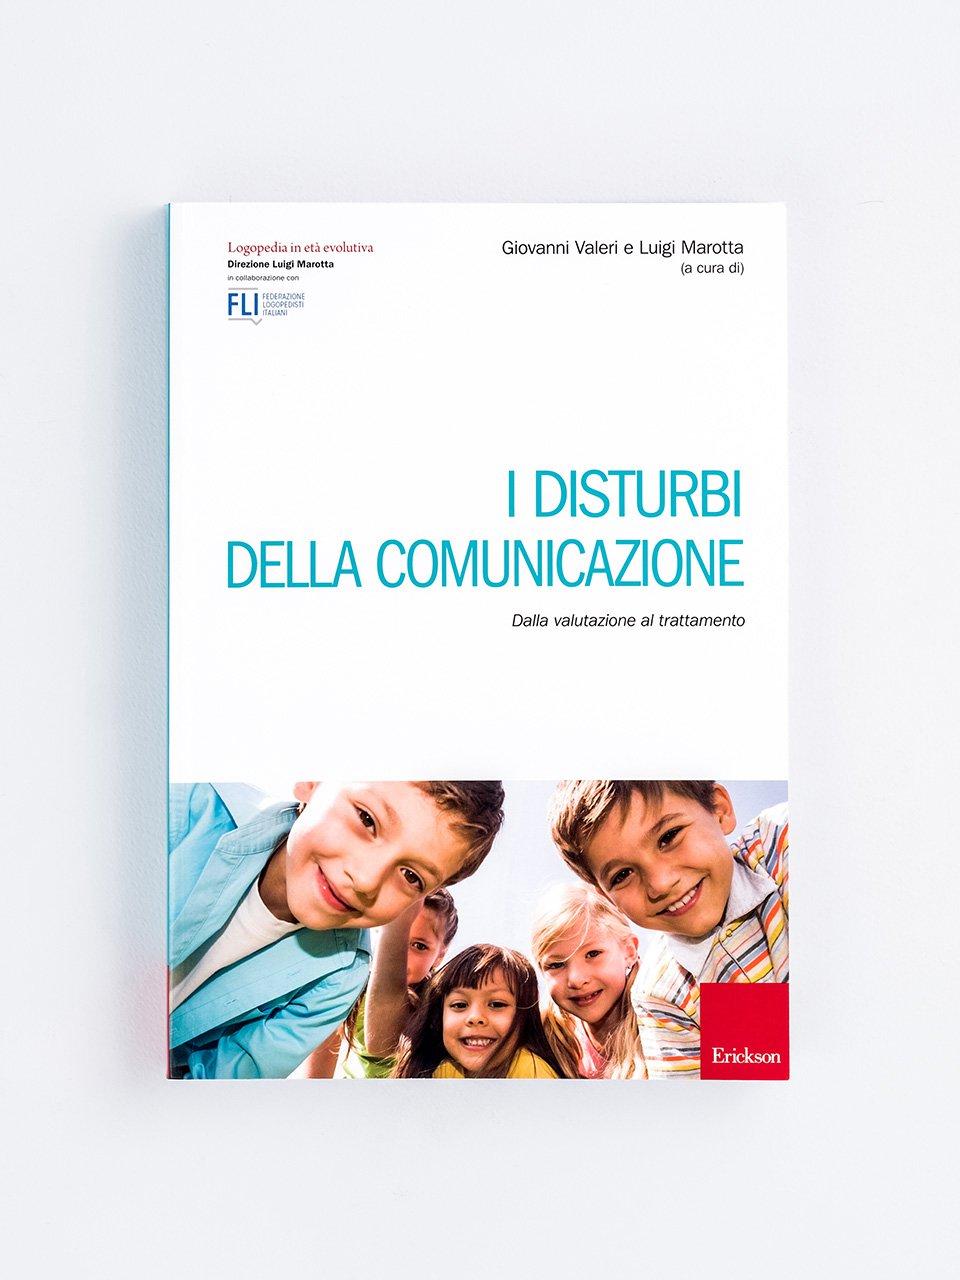 I disturbi della comunicazione - Maria Montessori - Libri - Erickson